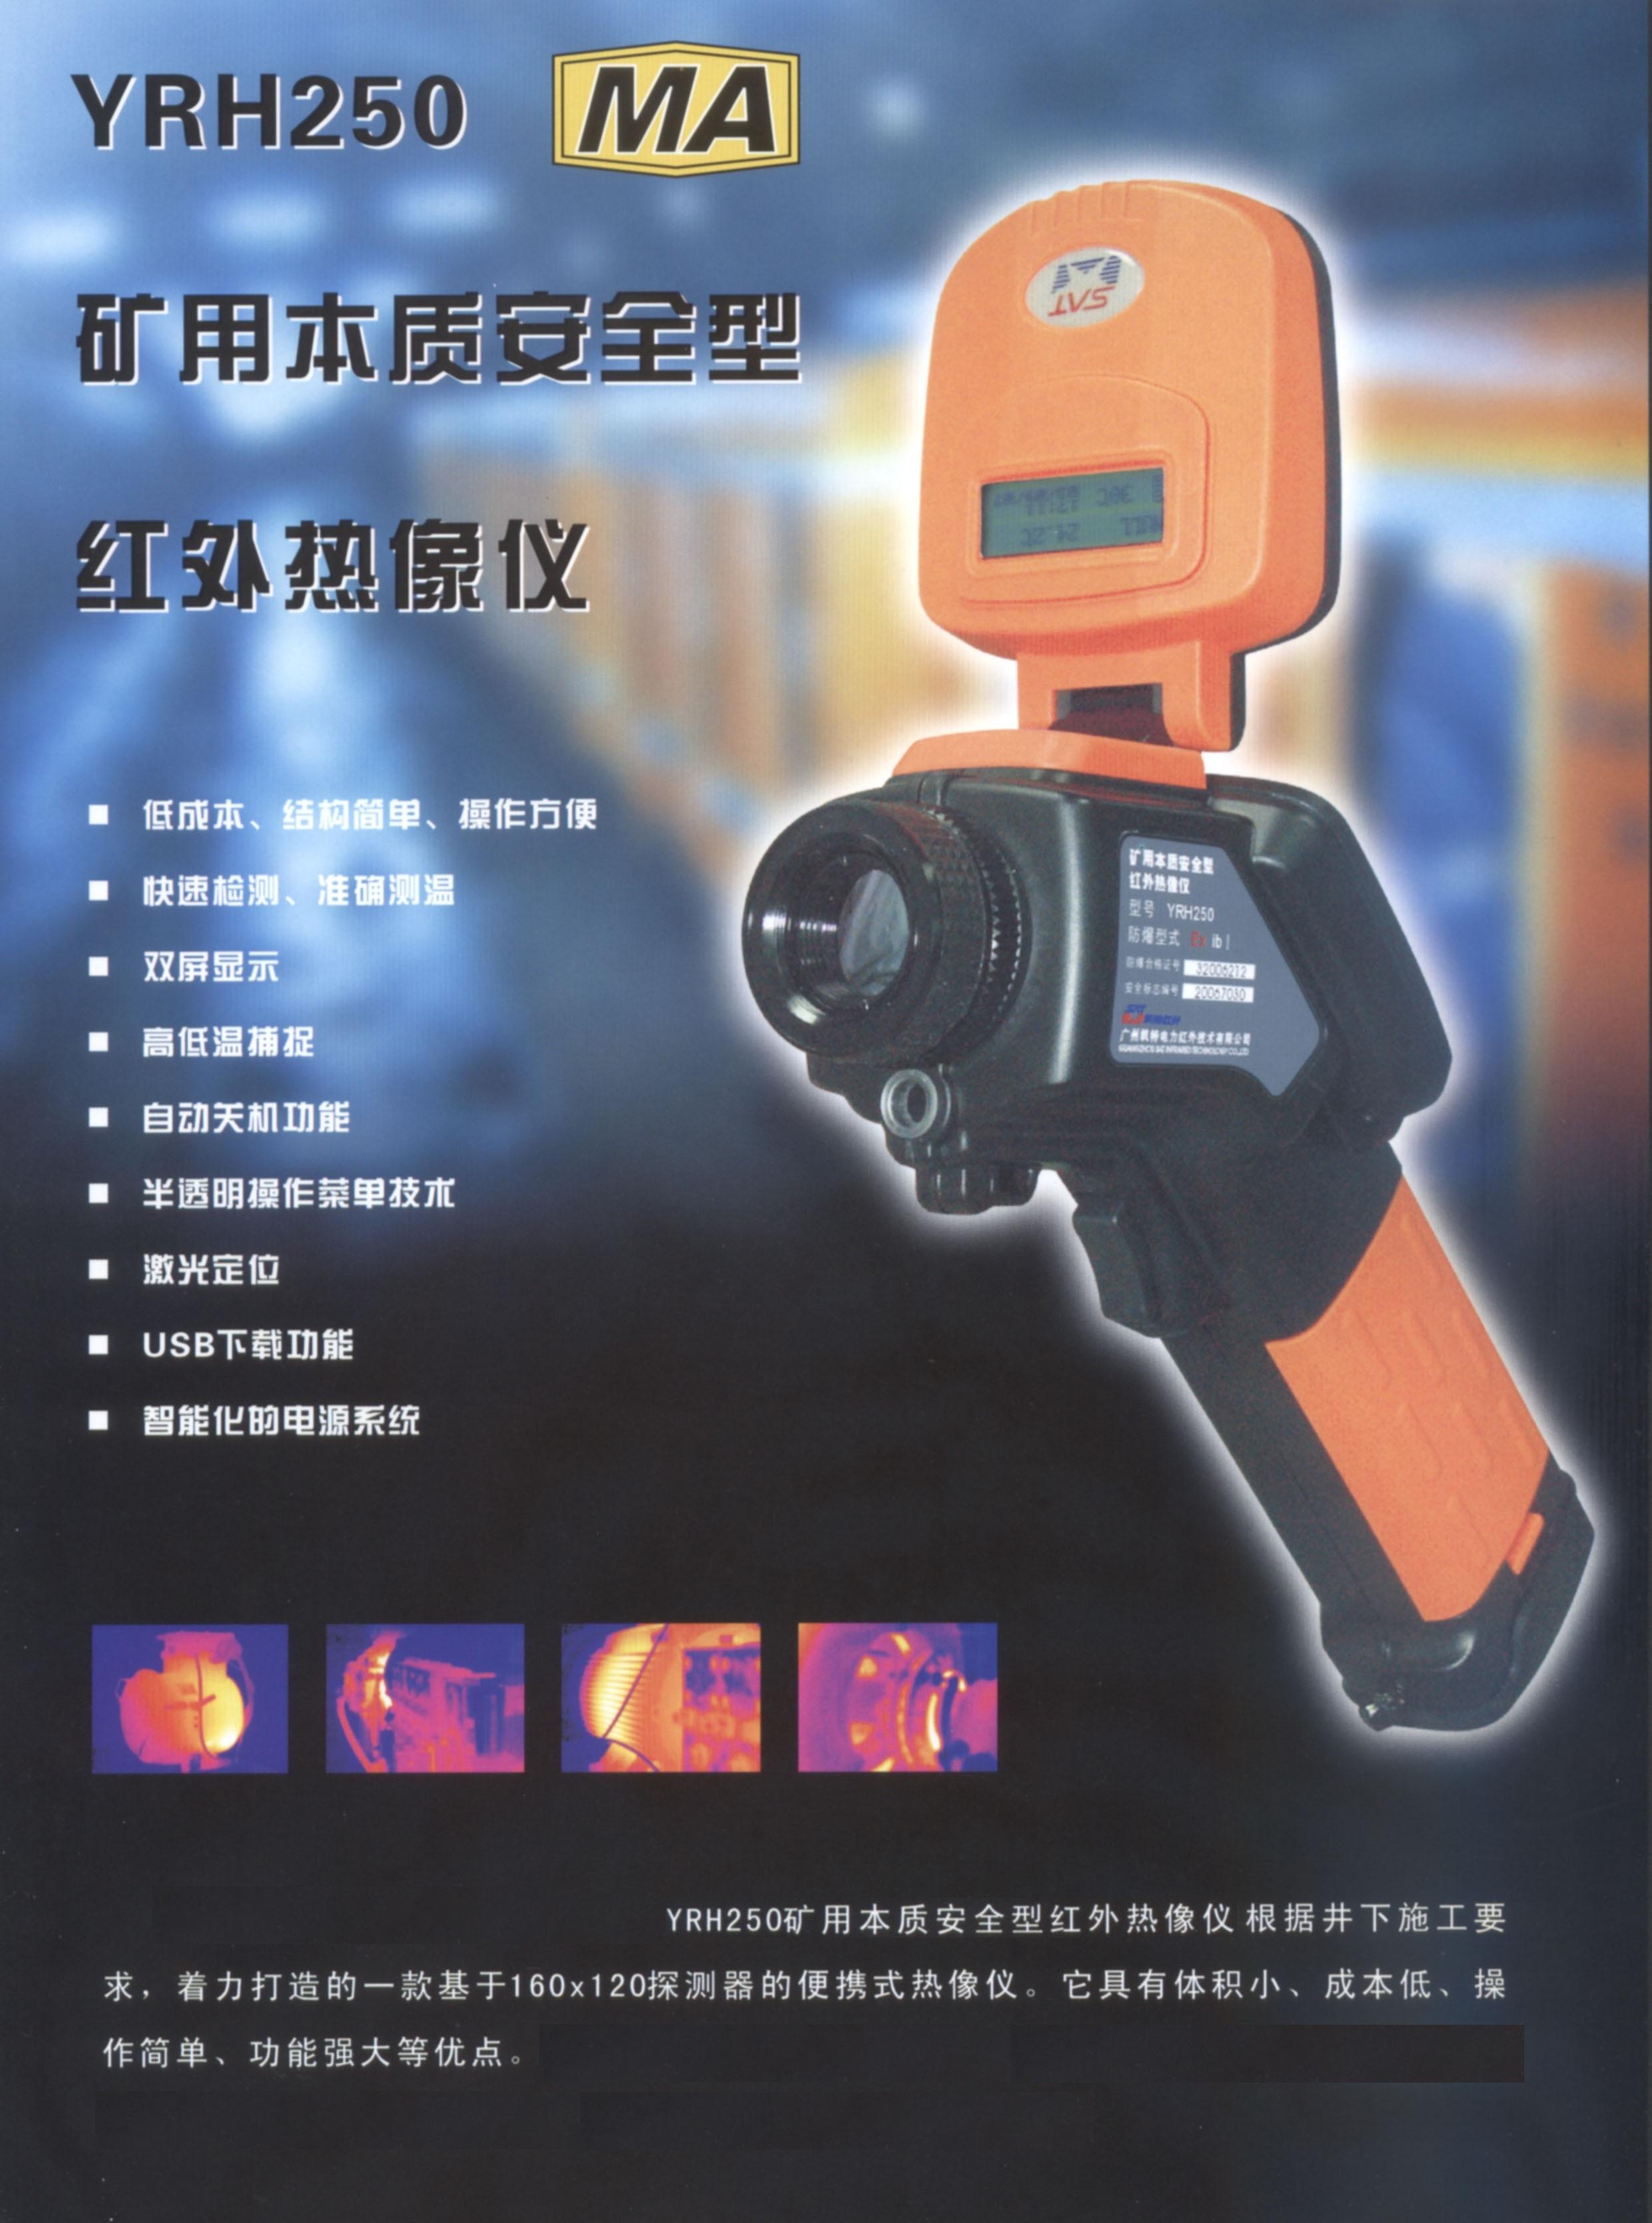 重磅红外测温便携设备